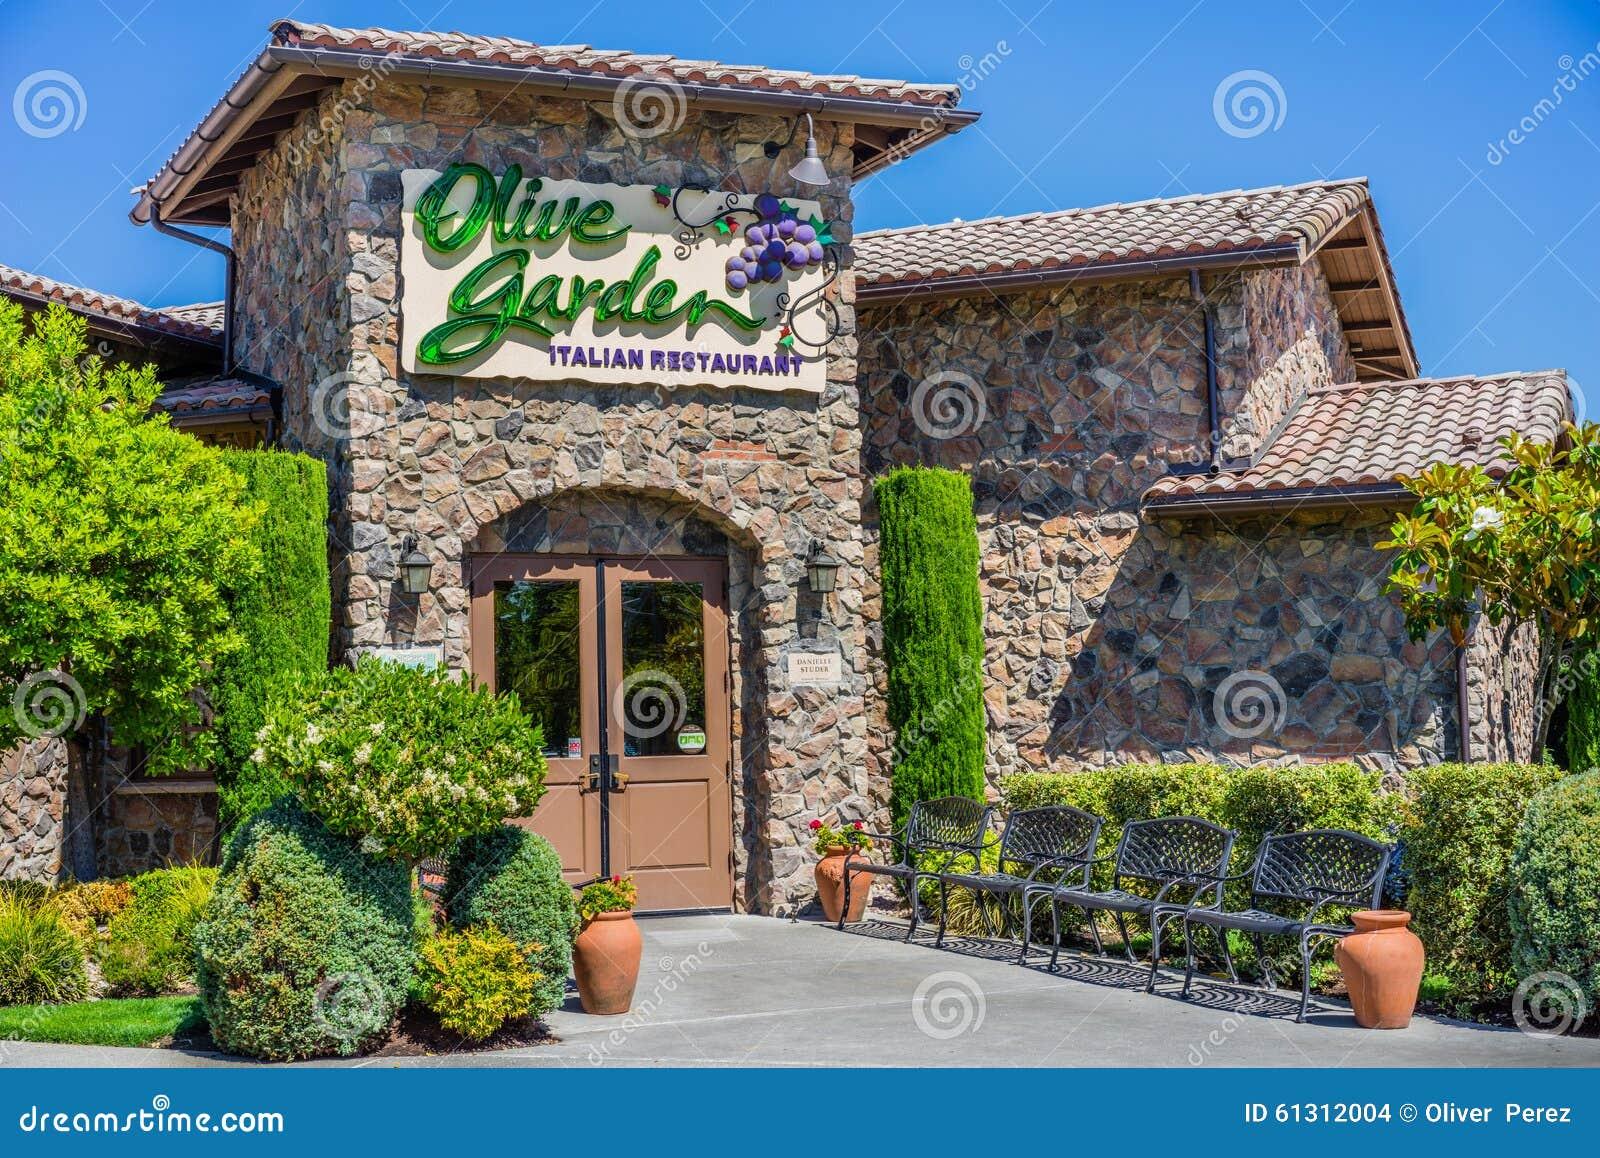 Olive Garden Restaurant Redactionele Stock Afbeelding Afbeelding Bestaande Uit Olijf 61312004